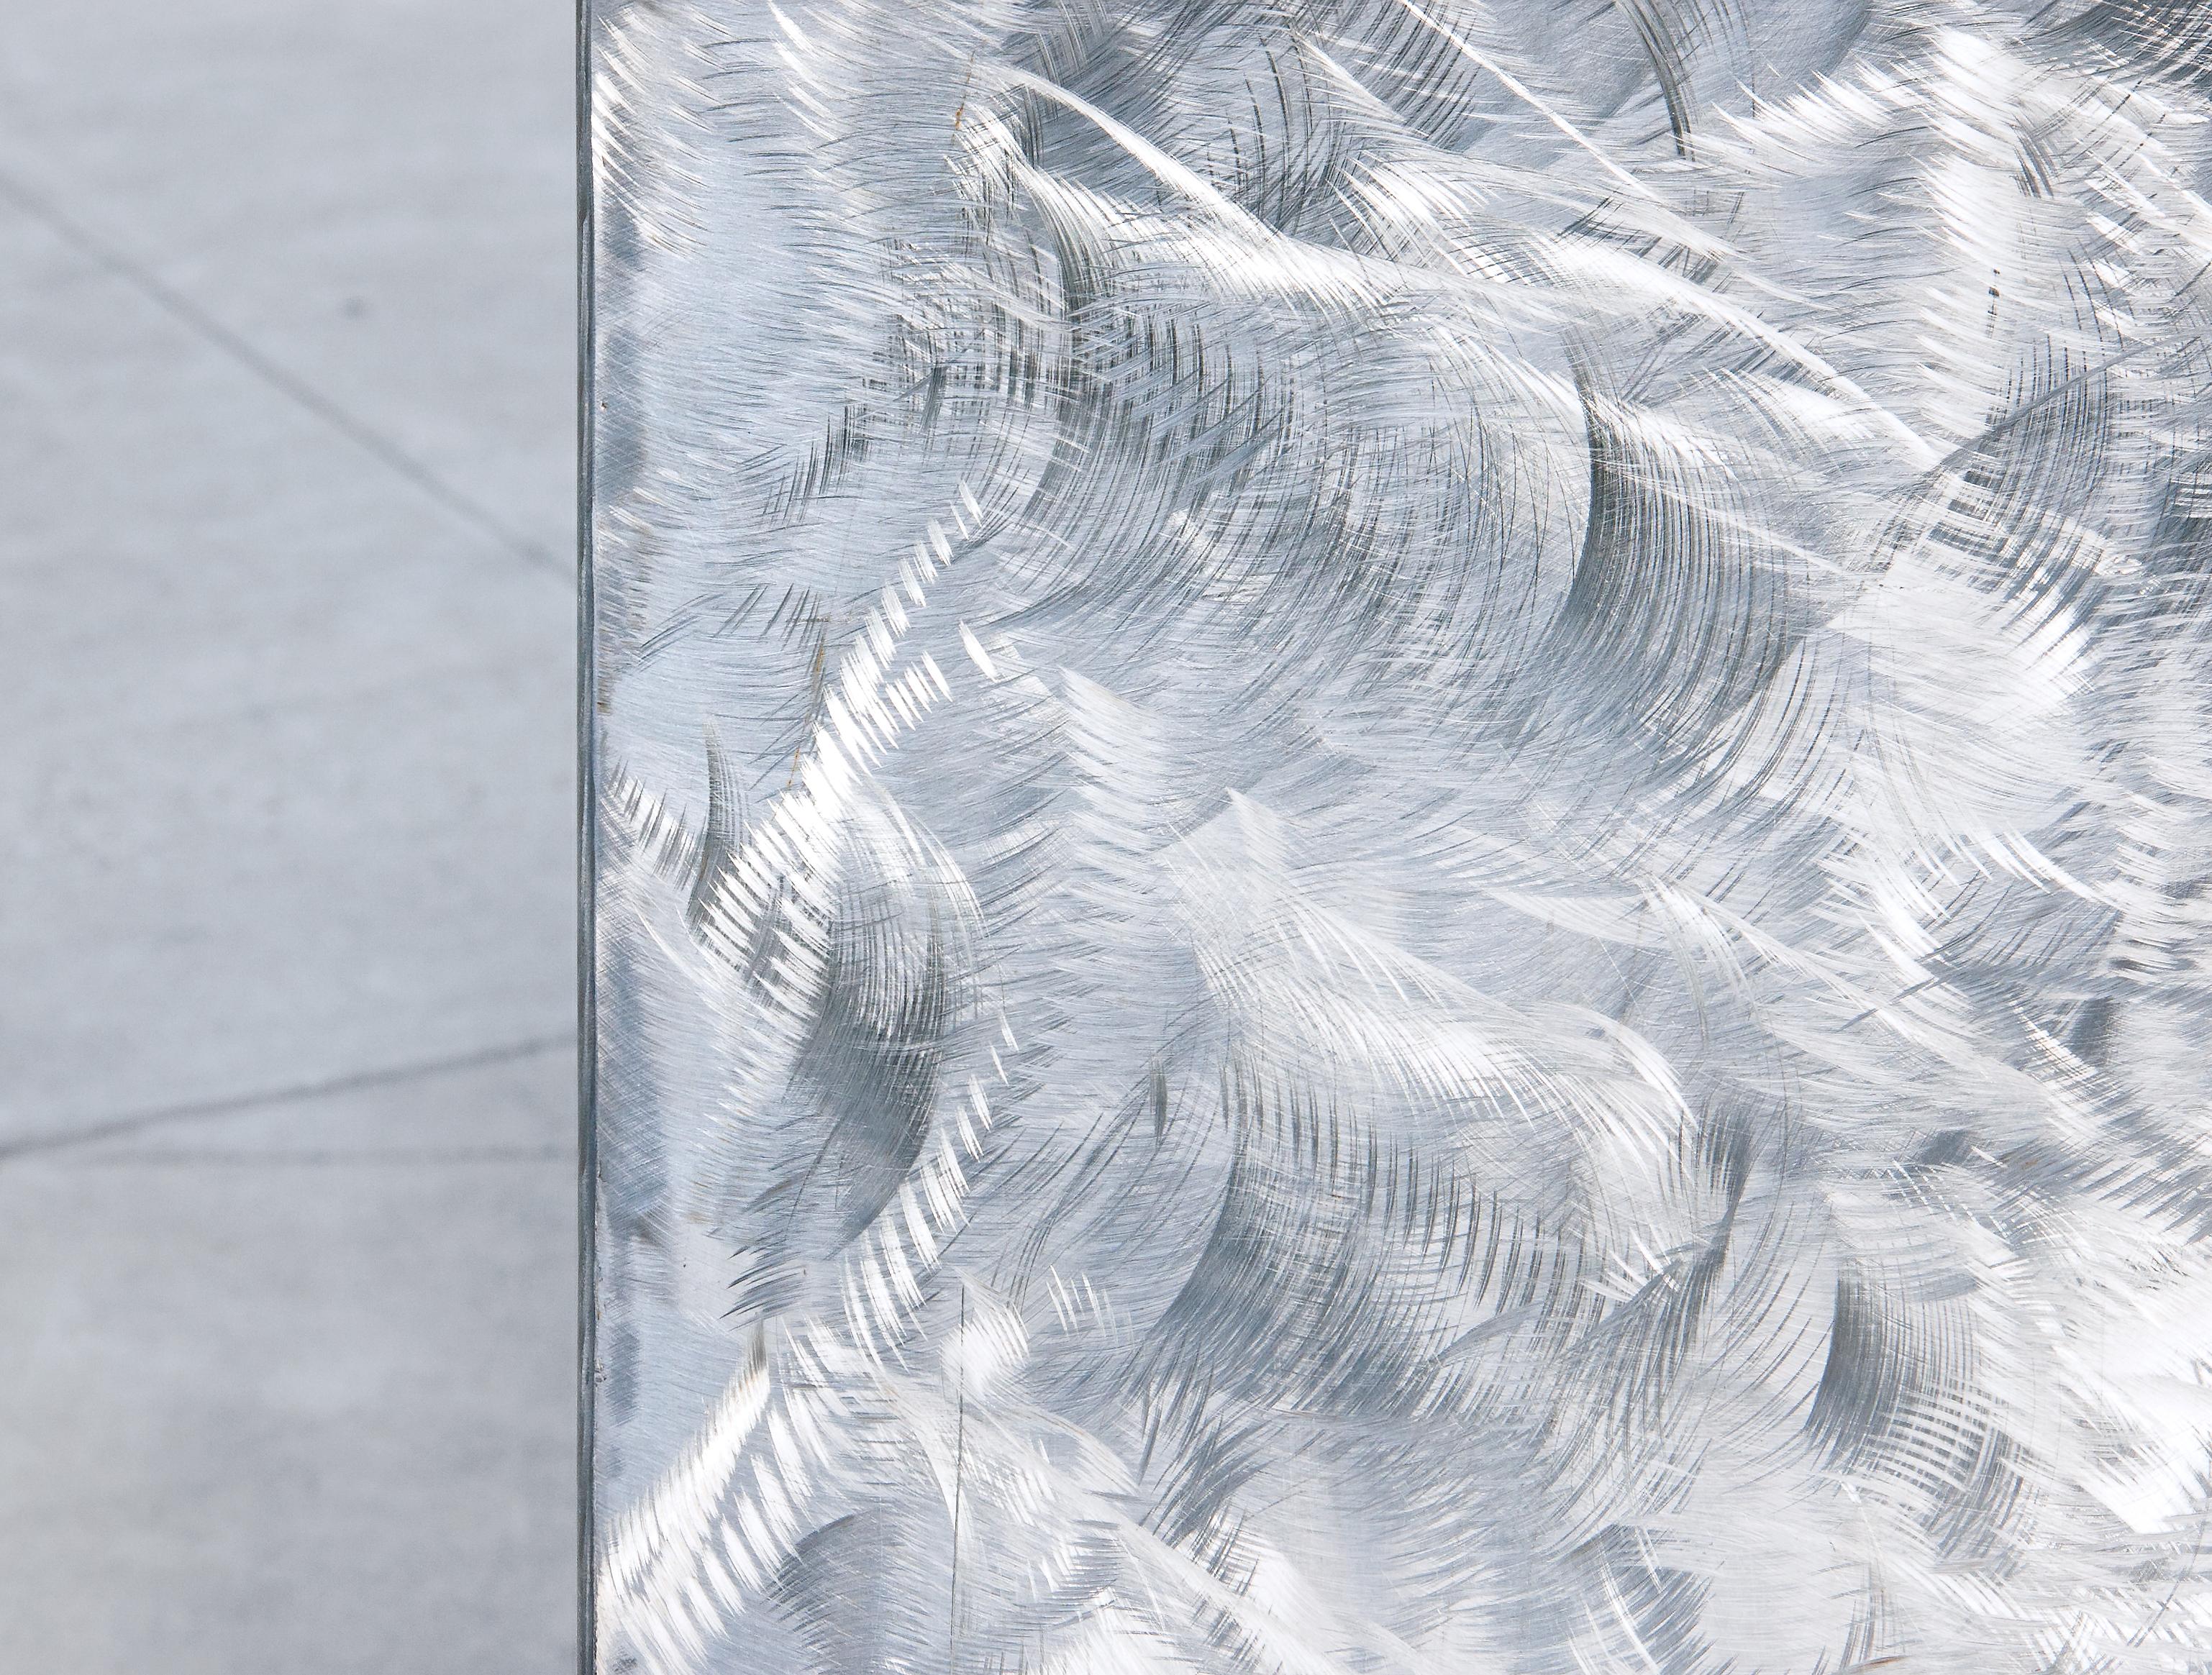 Kostenlose foto : Flügel, abstrakt, Weiß, Textur, stehlen, Muster ...